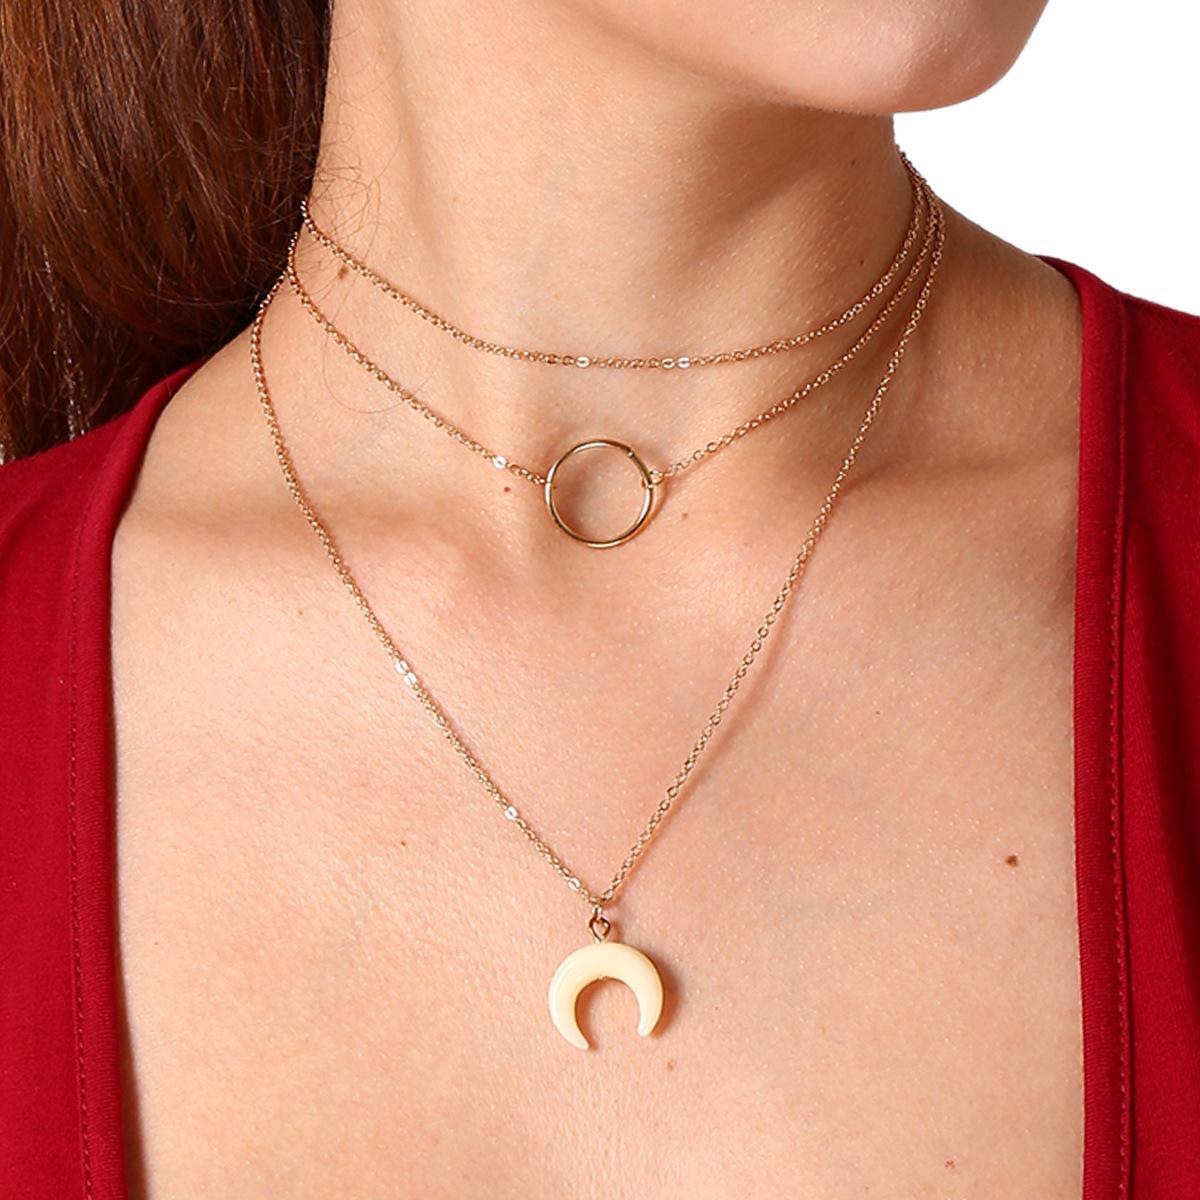 collier femme cercle